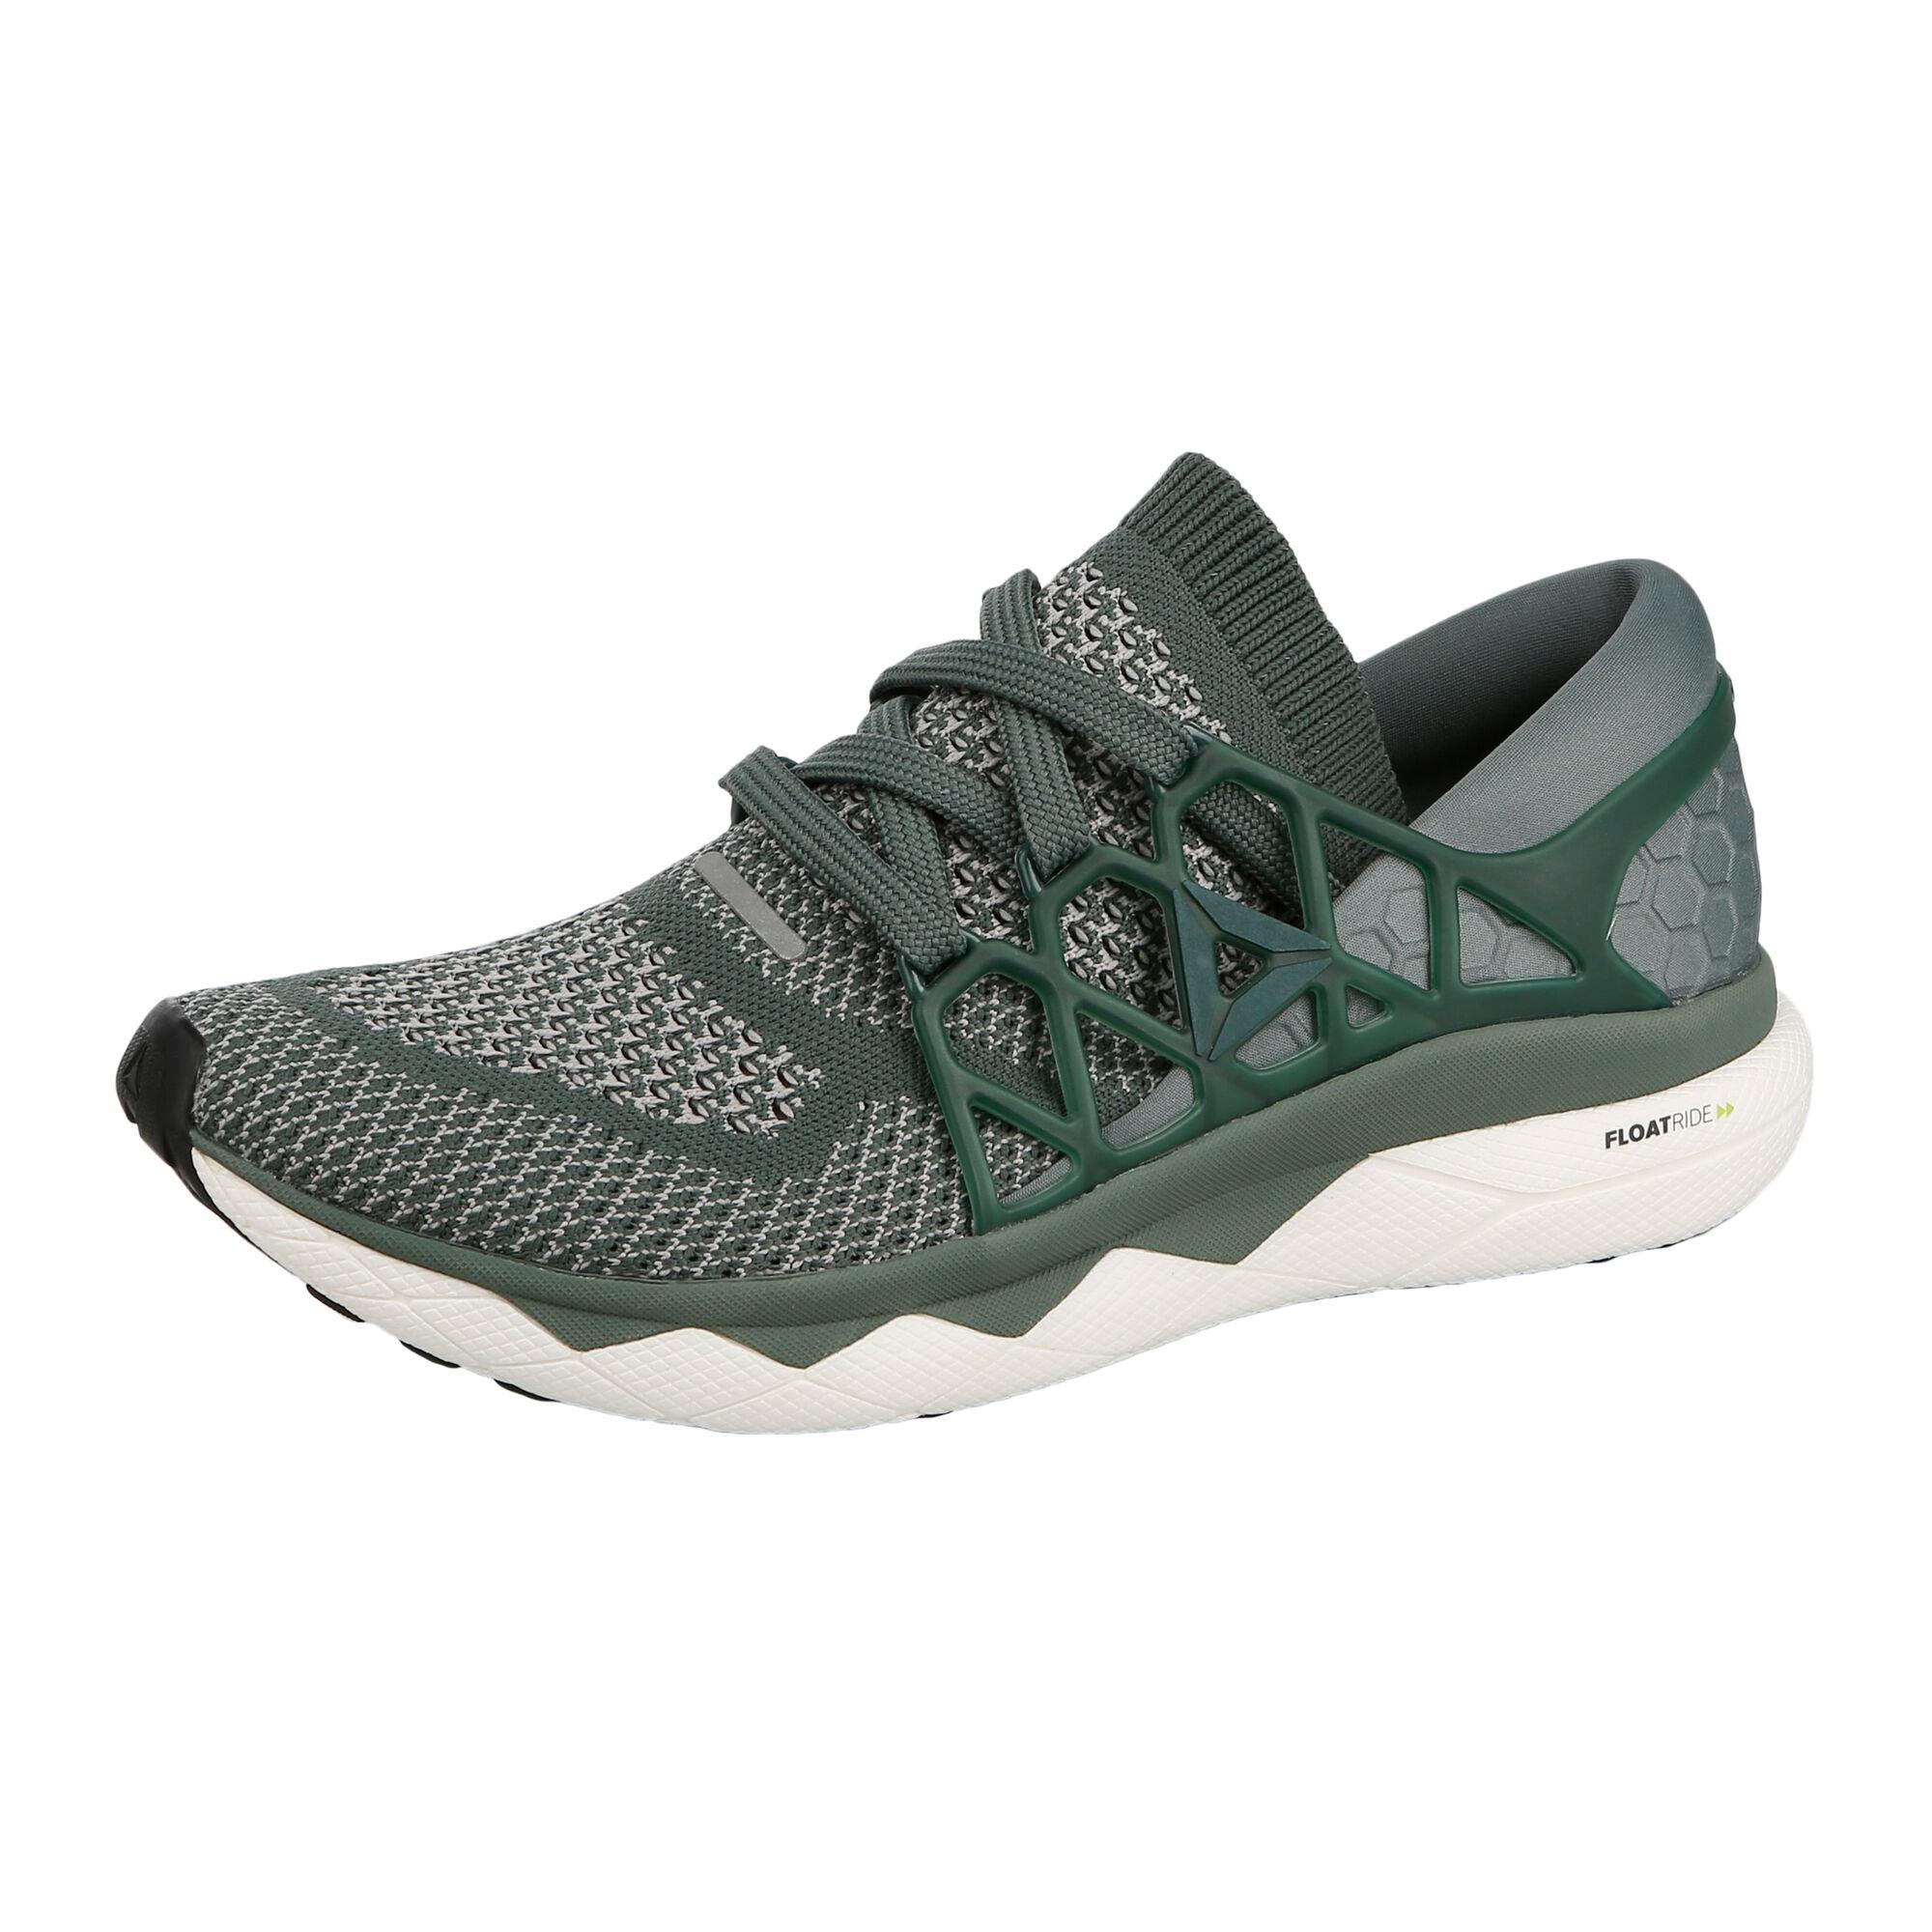 b4f2084fc buy Reebok Floatride Run ULTK Neutral Running Shoe Men - Dark Green ...